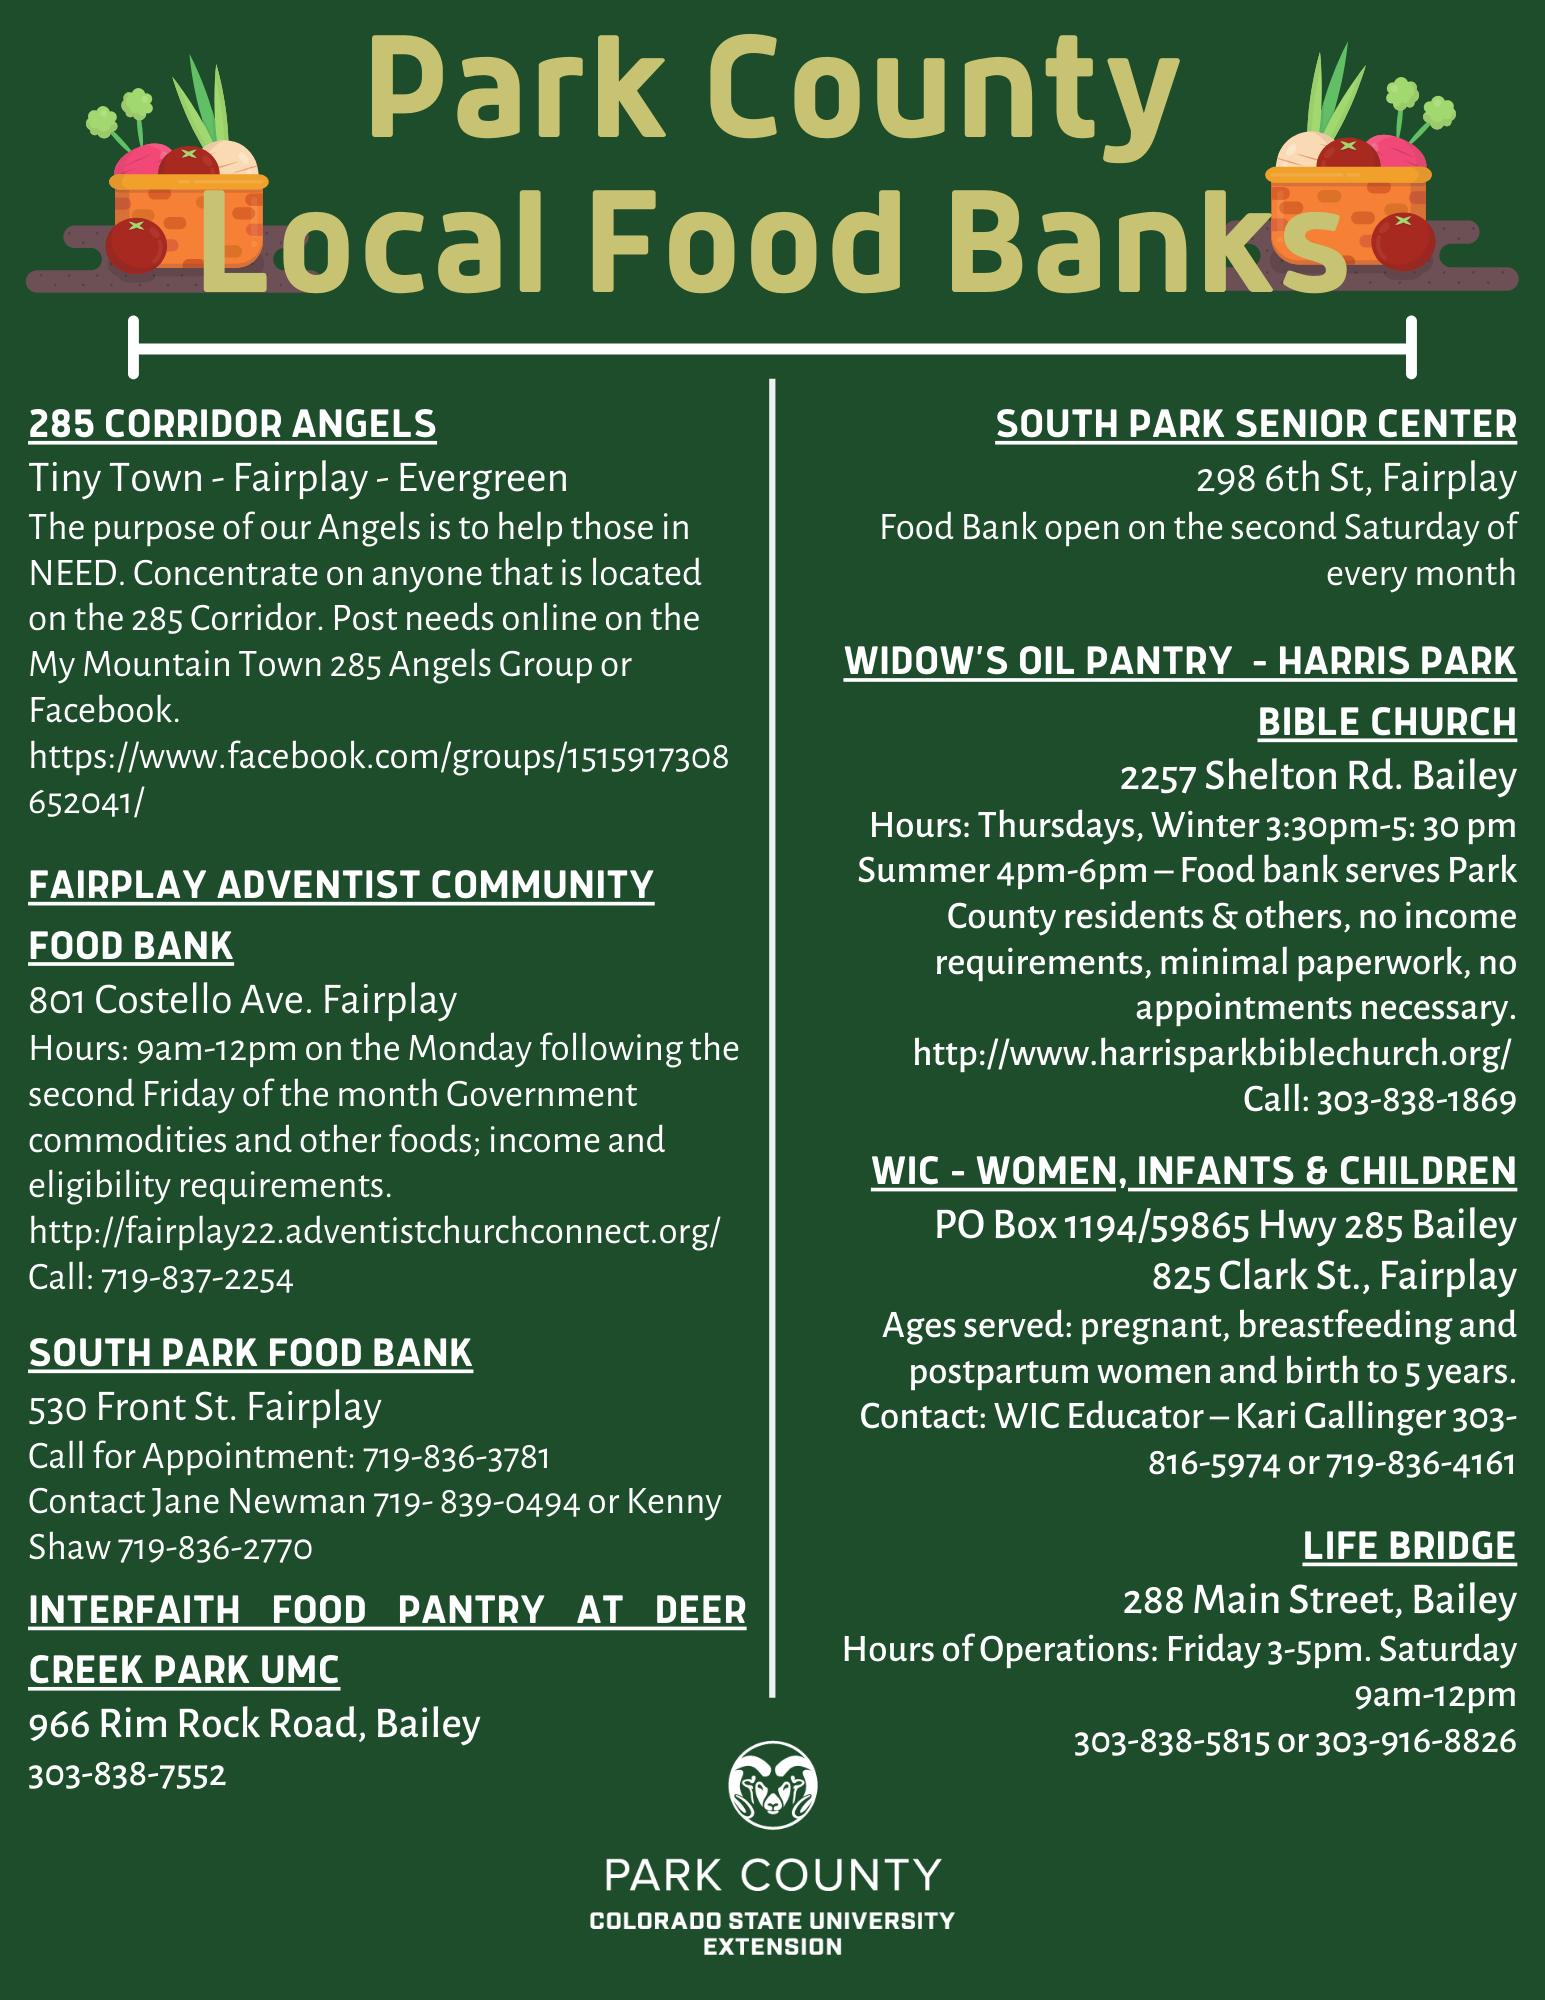 PC-Food-Banks